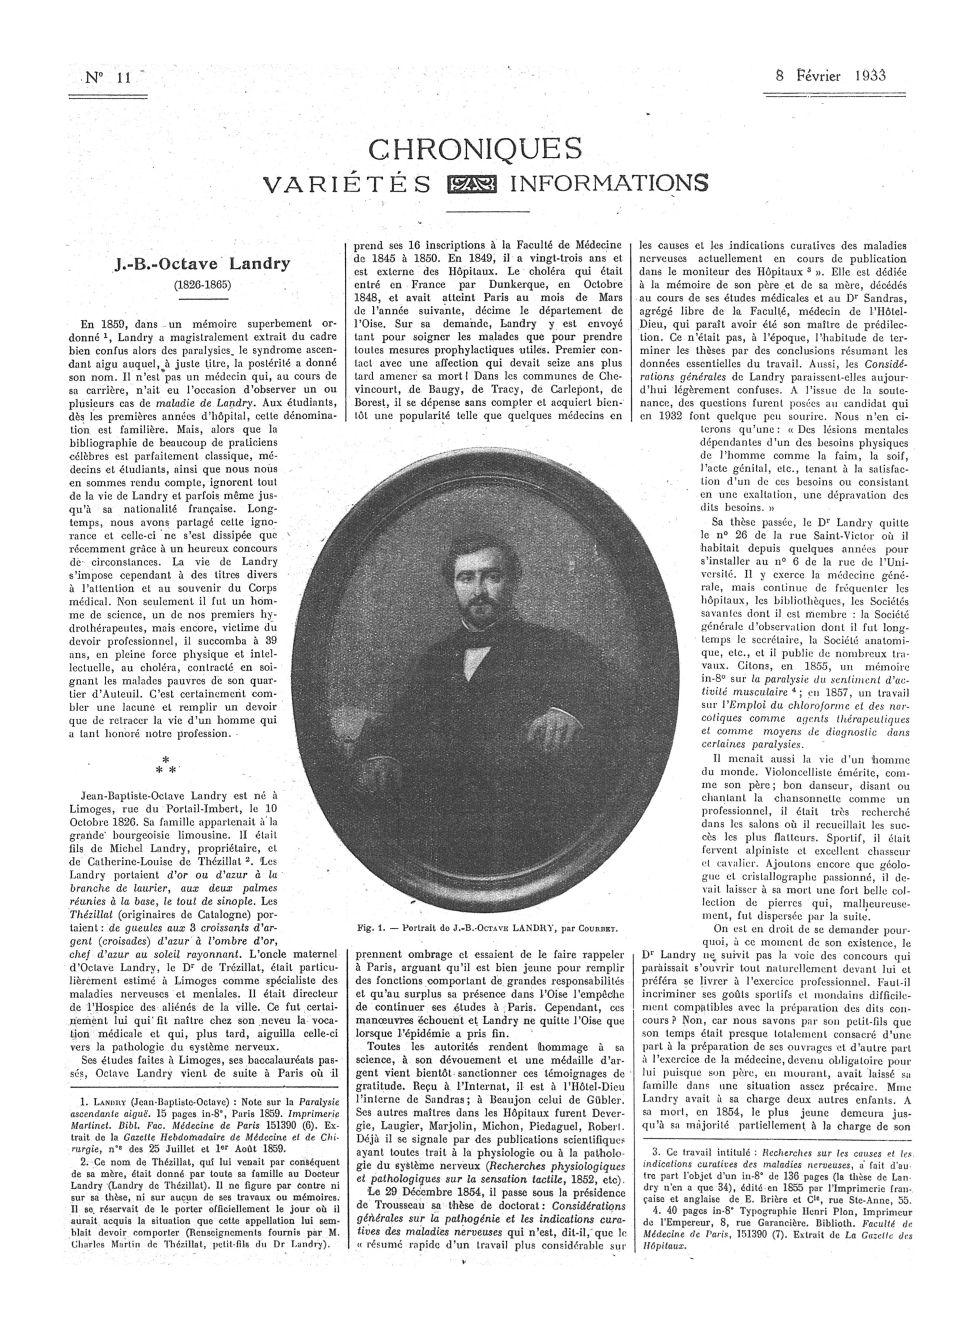 Fig. 1. Portrait de J.-B. Octave Landry, par Courbet - La Presse médicale - [Articles originaux] -  - med100000x1933xartorigx0231